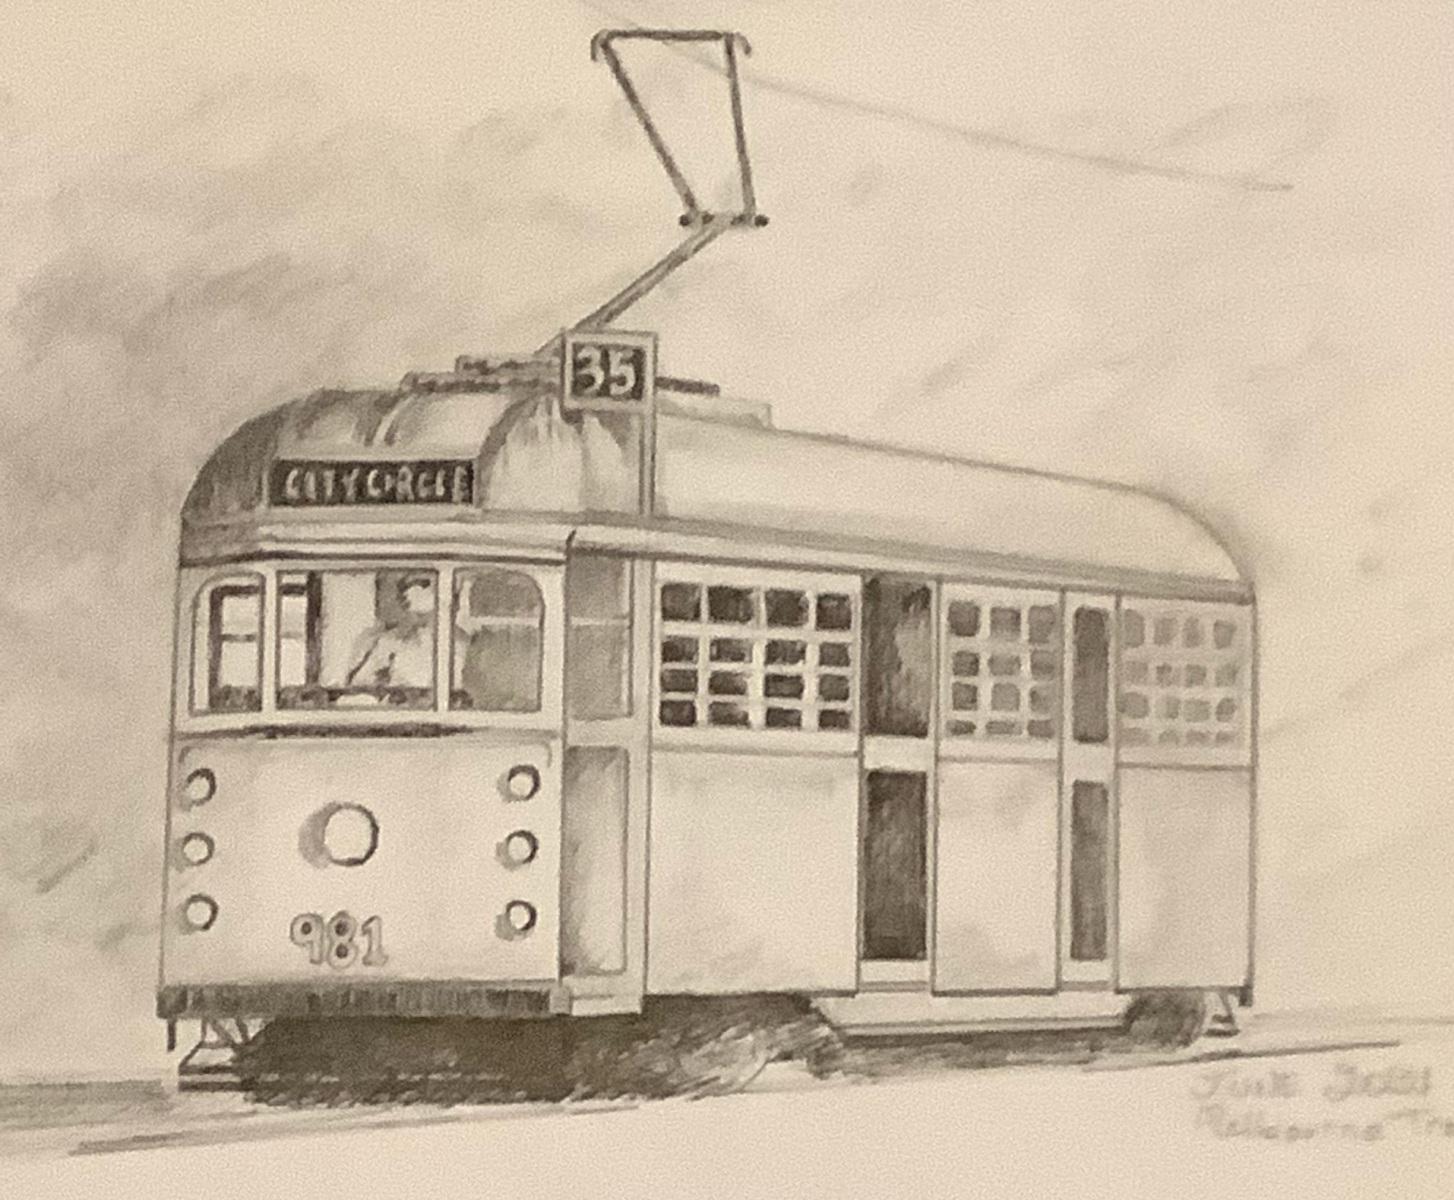 Melbourne Tram - Shirley Melissas